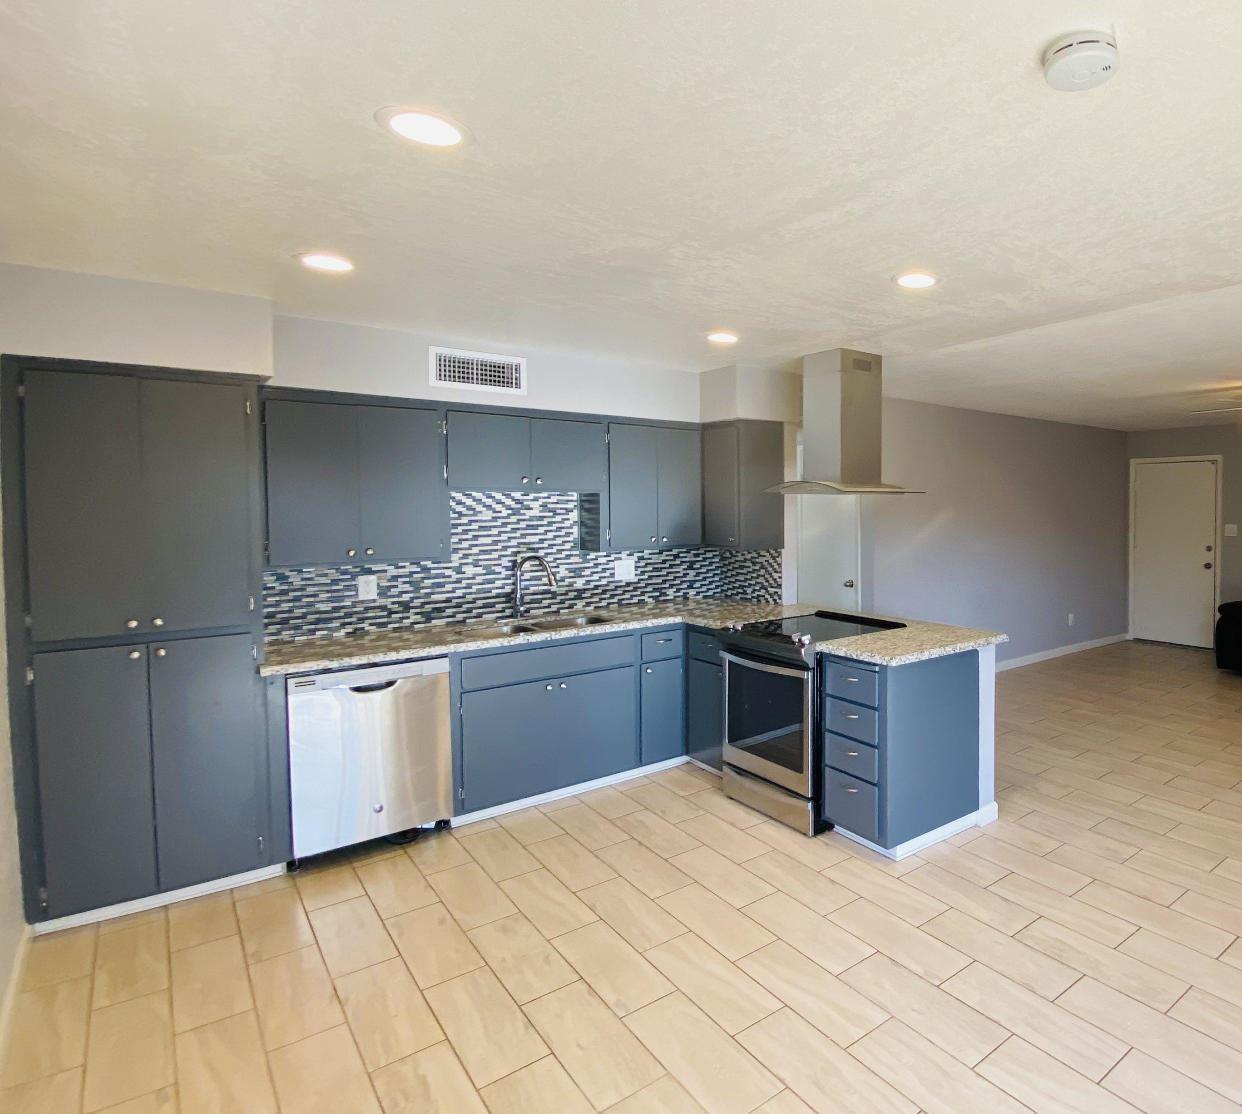 8506 W WELDON Avenue, Phoenix, AZ 85037 - MLS#: 6233180